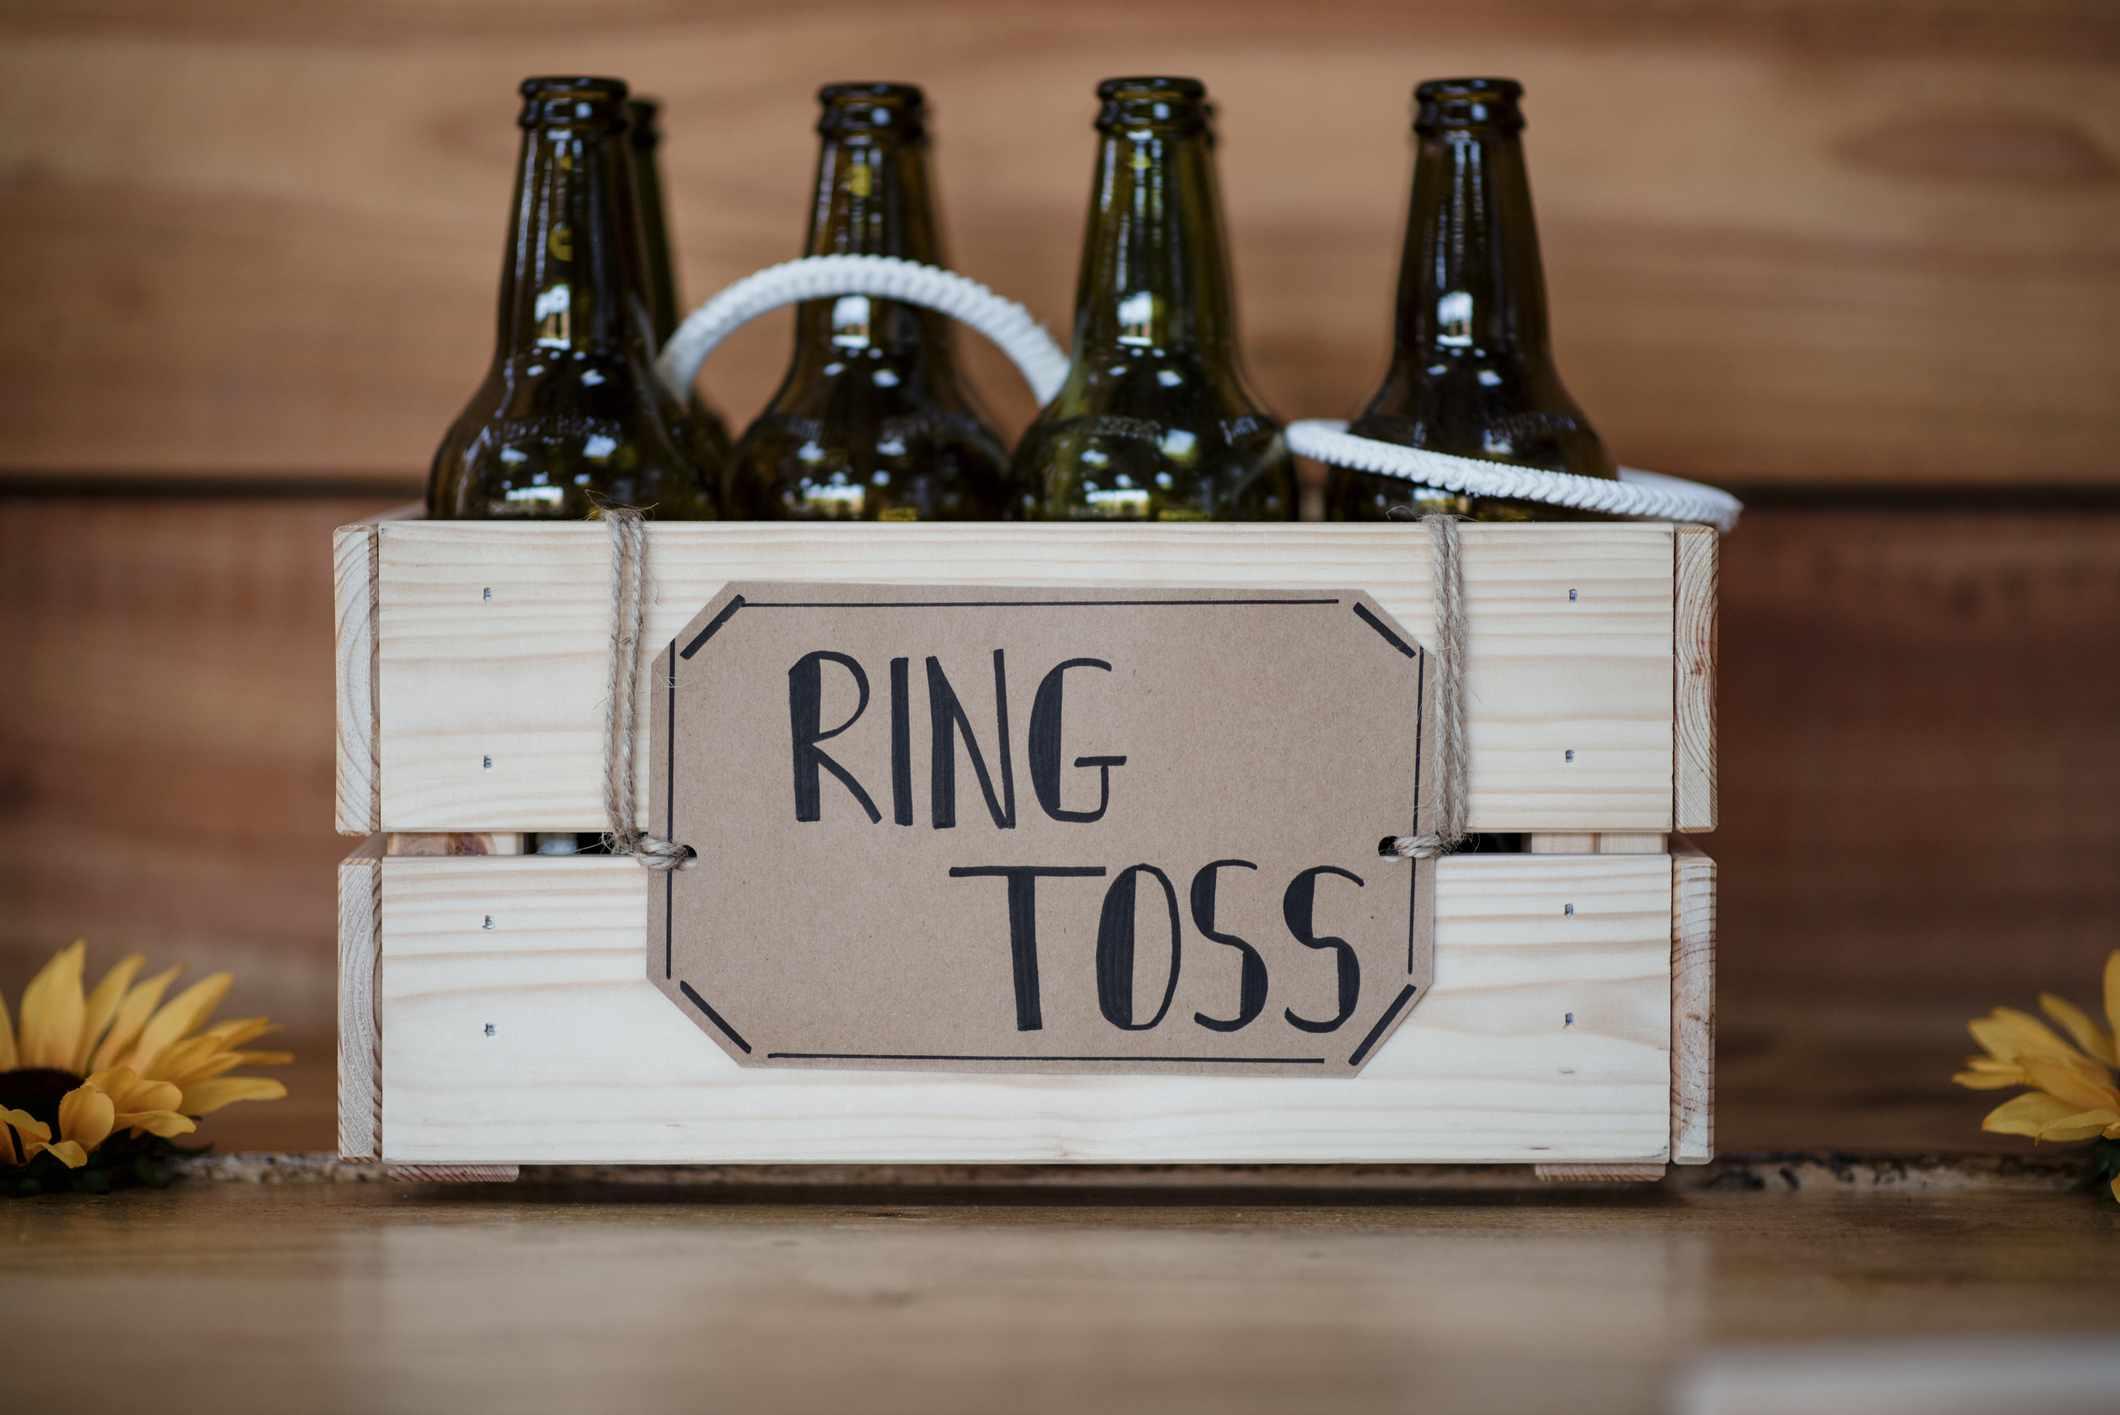 Ring toss on bottles game